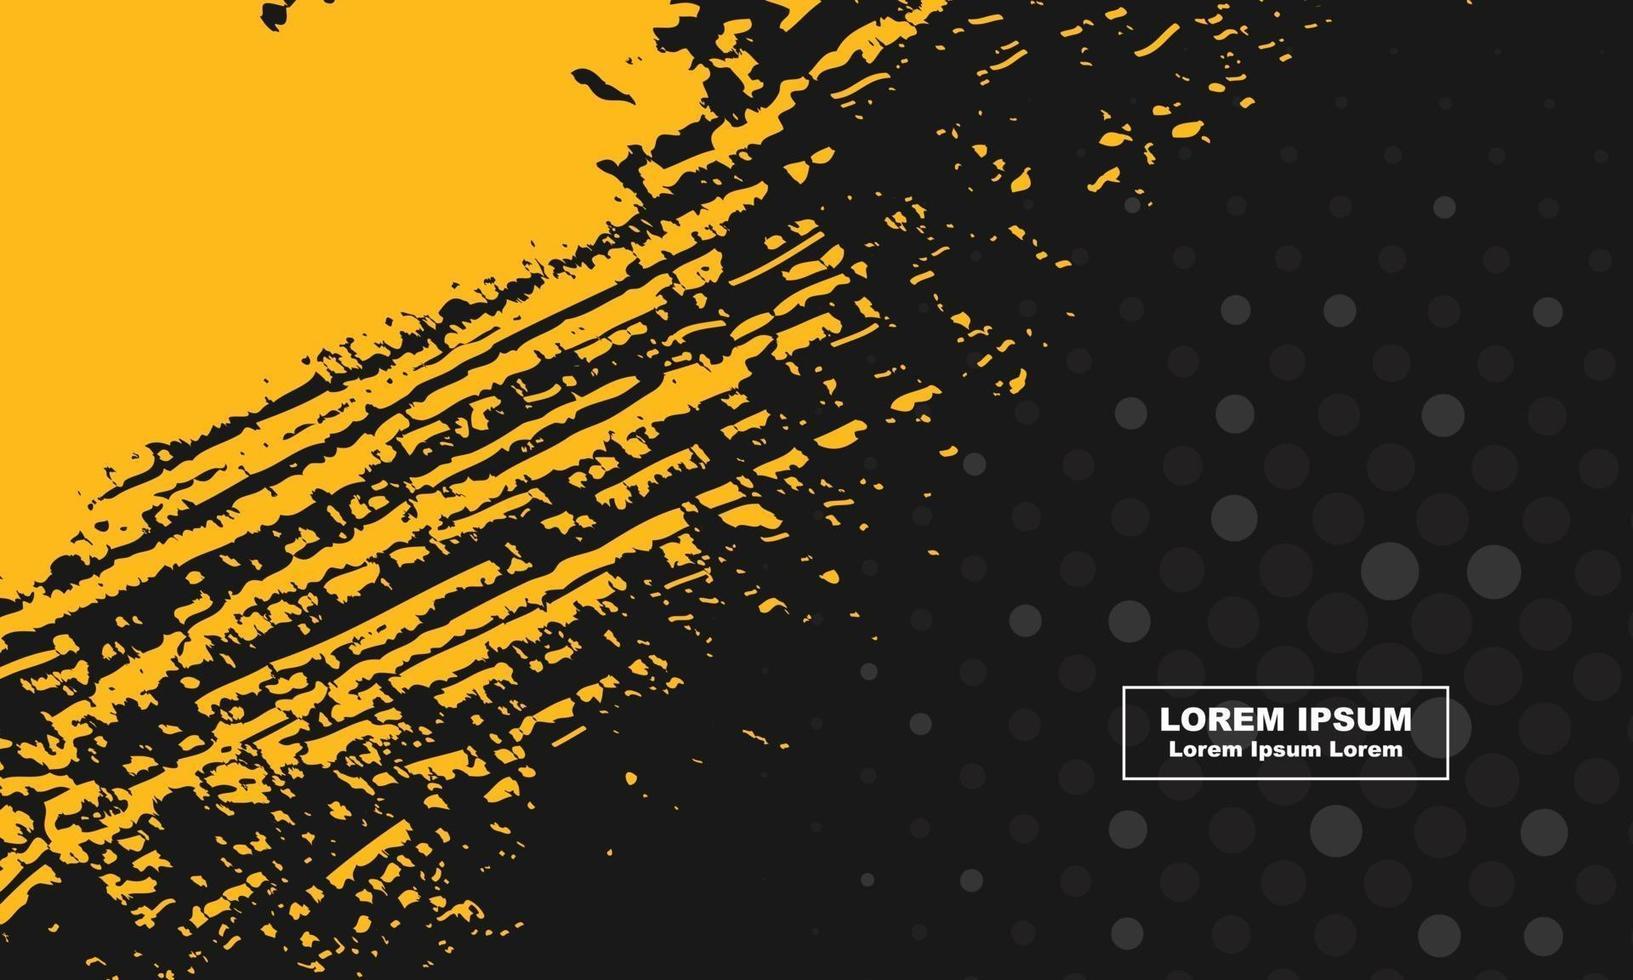 abstrakt bakgrund svart och gul grunge och halvton cirkel vektor